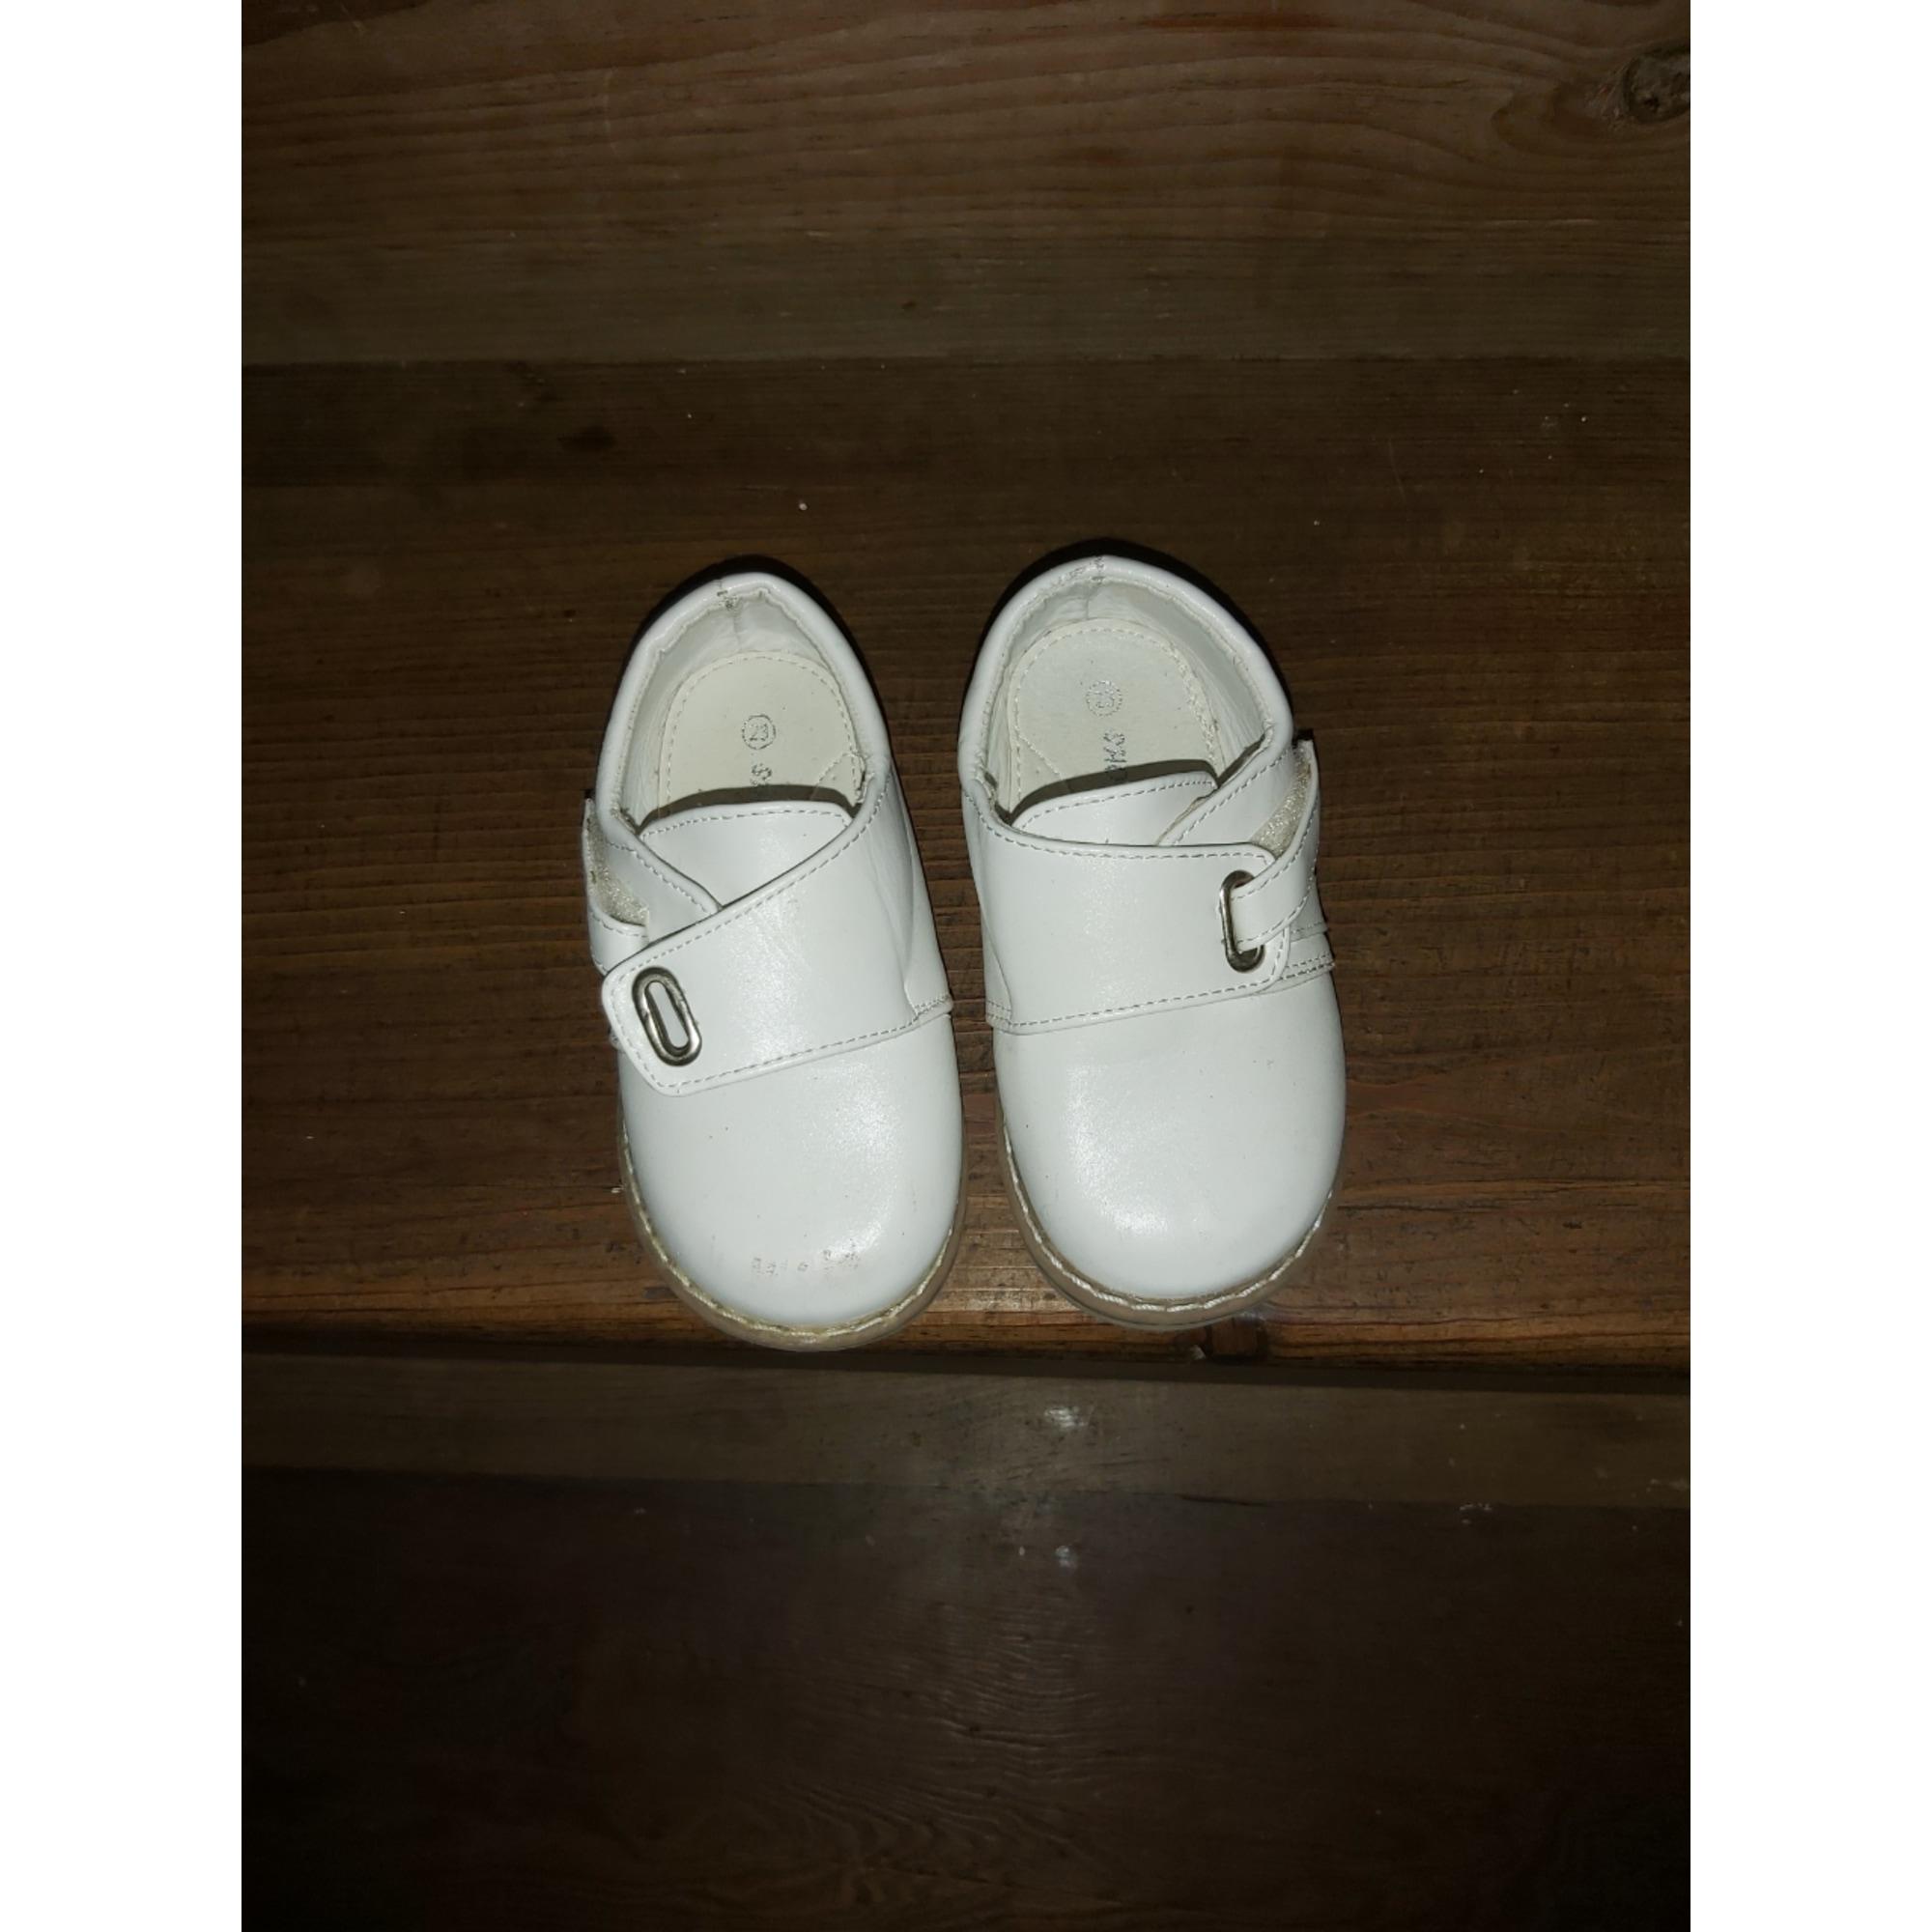 Loafers AUTRE CHOSE White, off-white, ecru